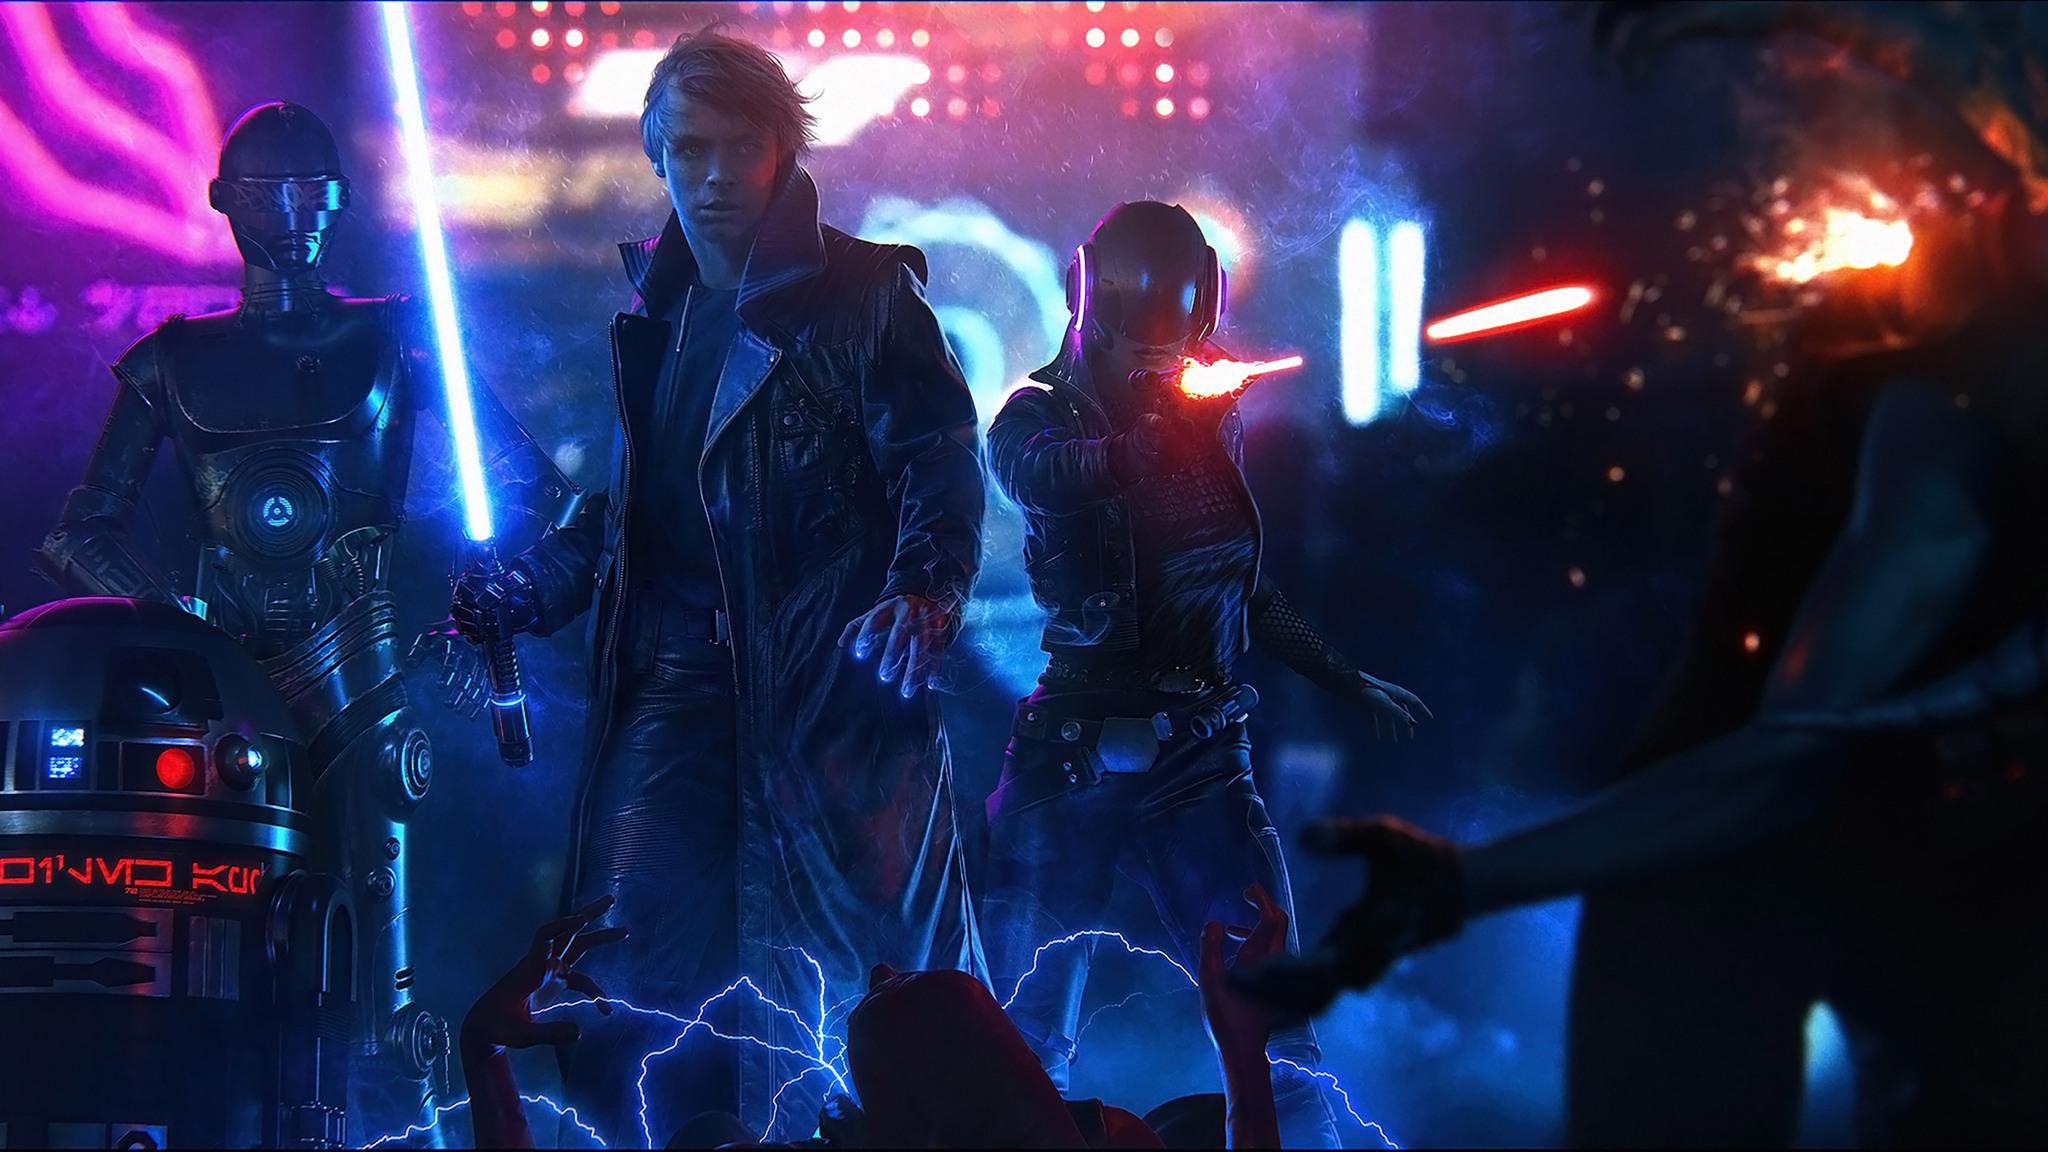 star-wars-cyberpunk-ap.jpg